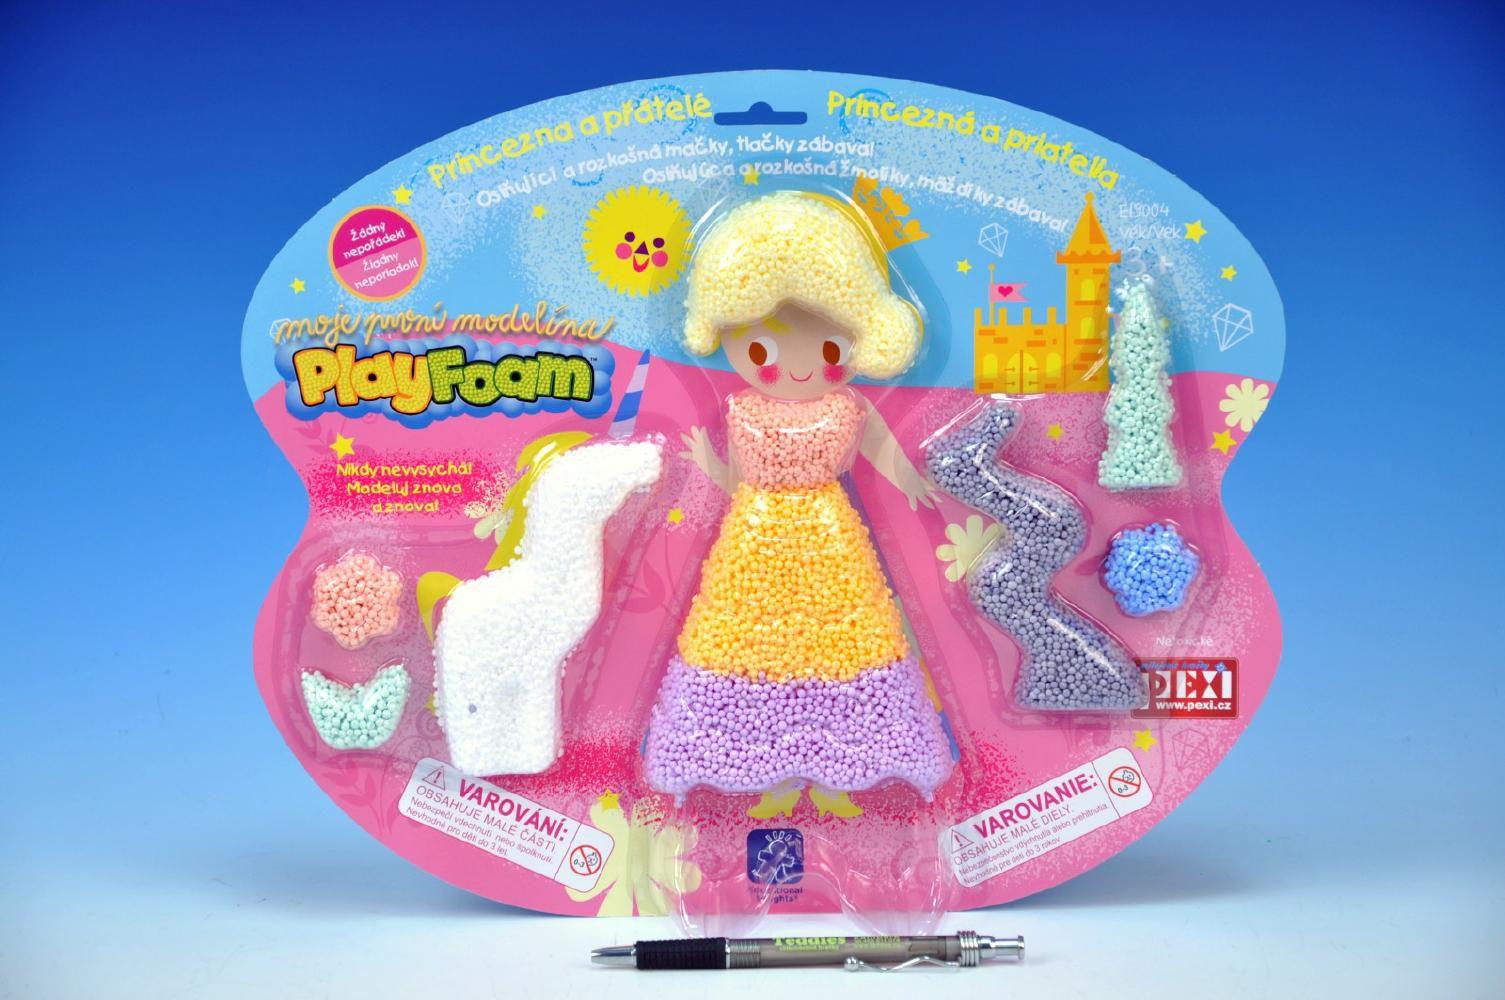 Modelína/Plastelína Princezna a přátelé kuličková Play Foam na kartě